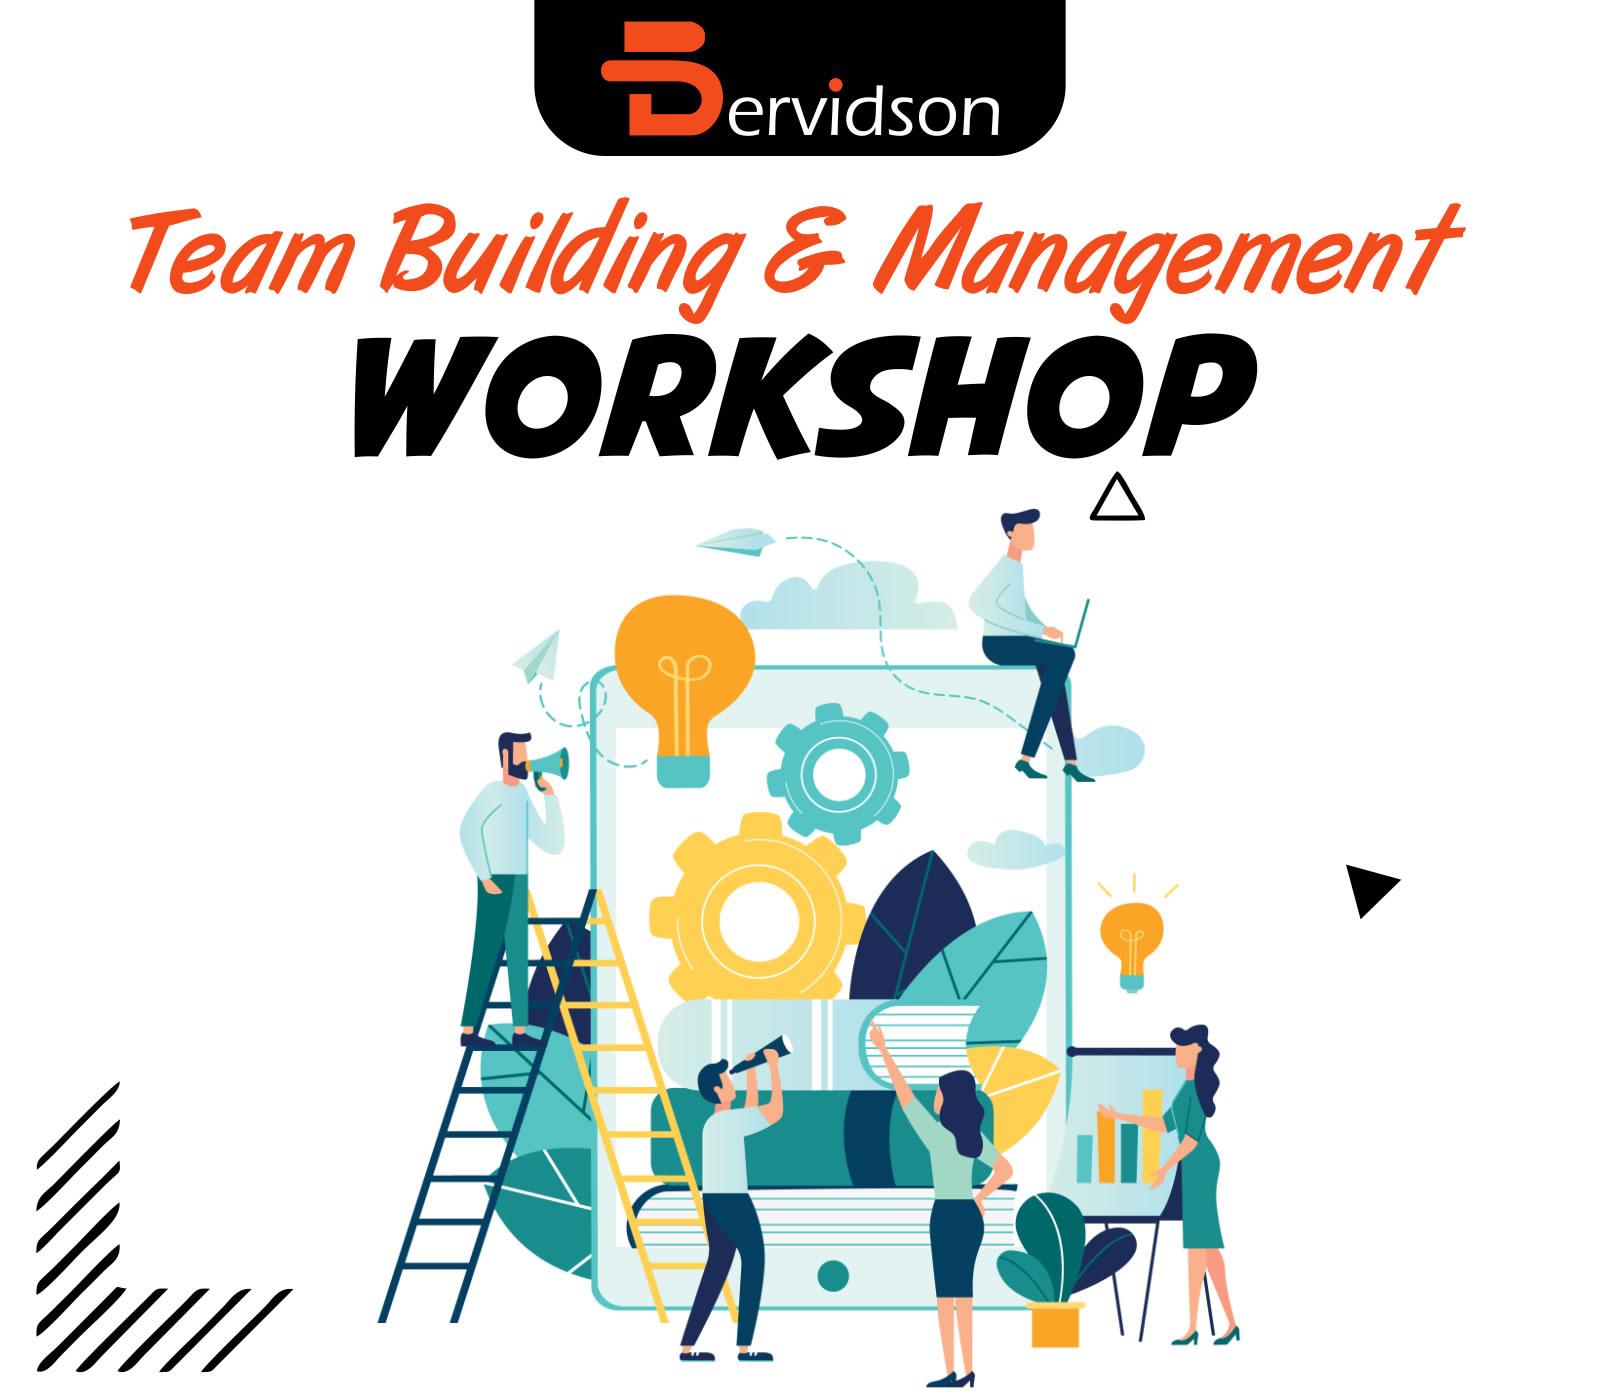 Team Building & Management Workshop